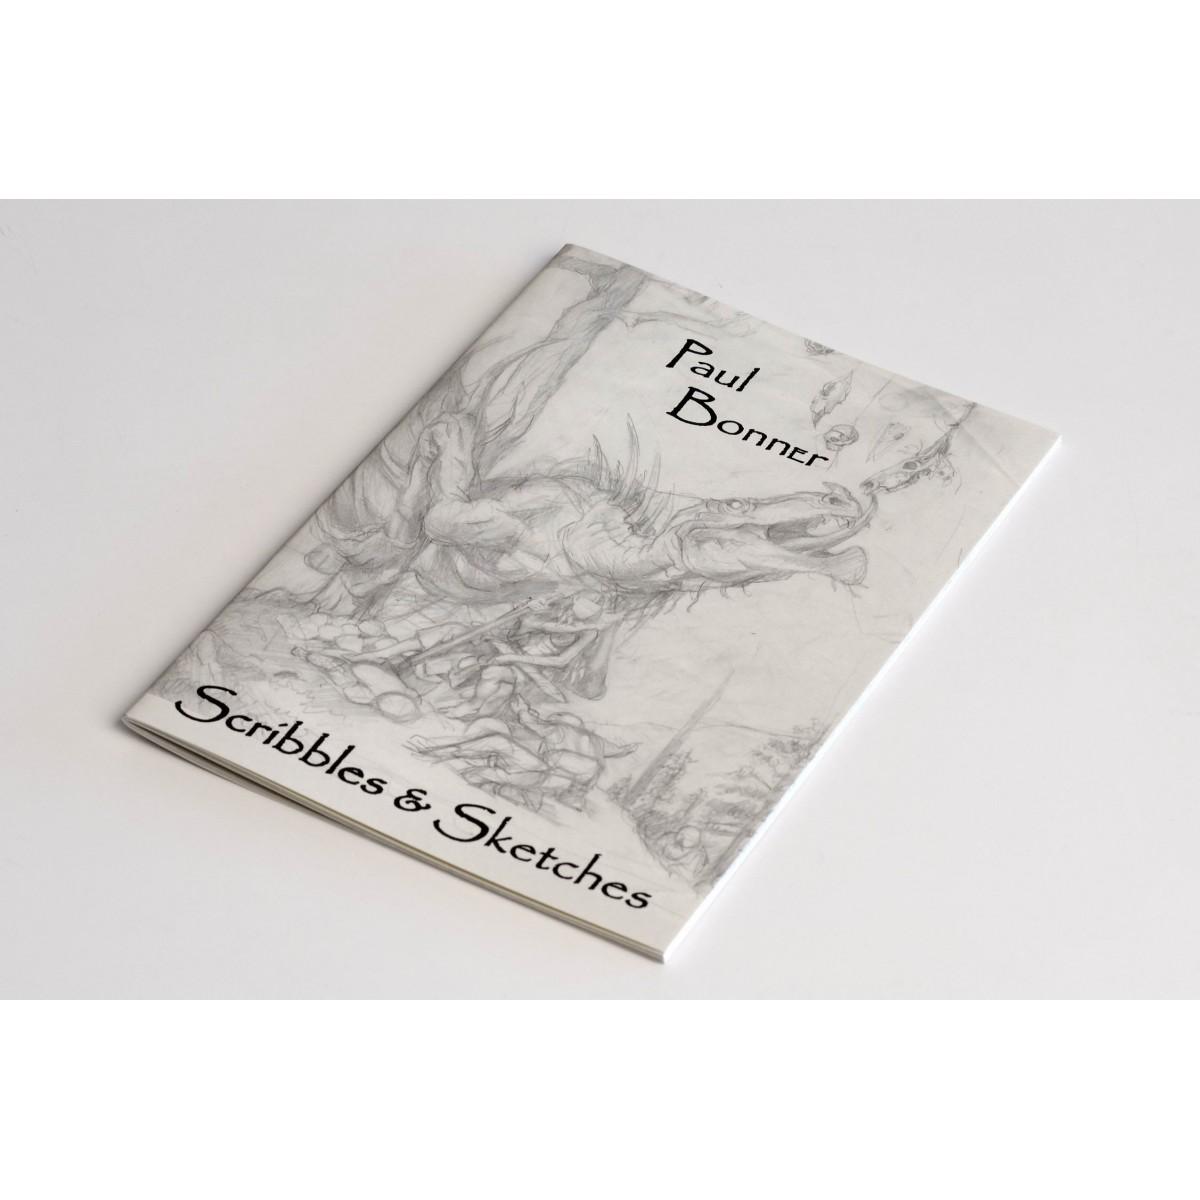 Paul Bonner - Scribbles & Sketches - Edition limitée